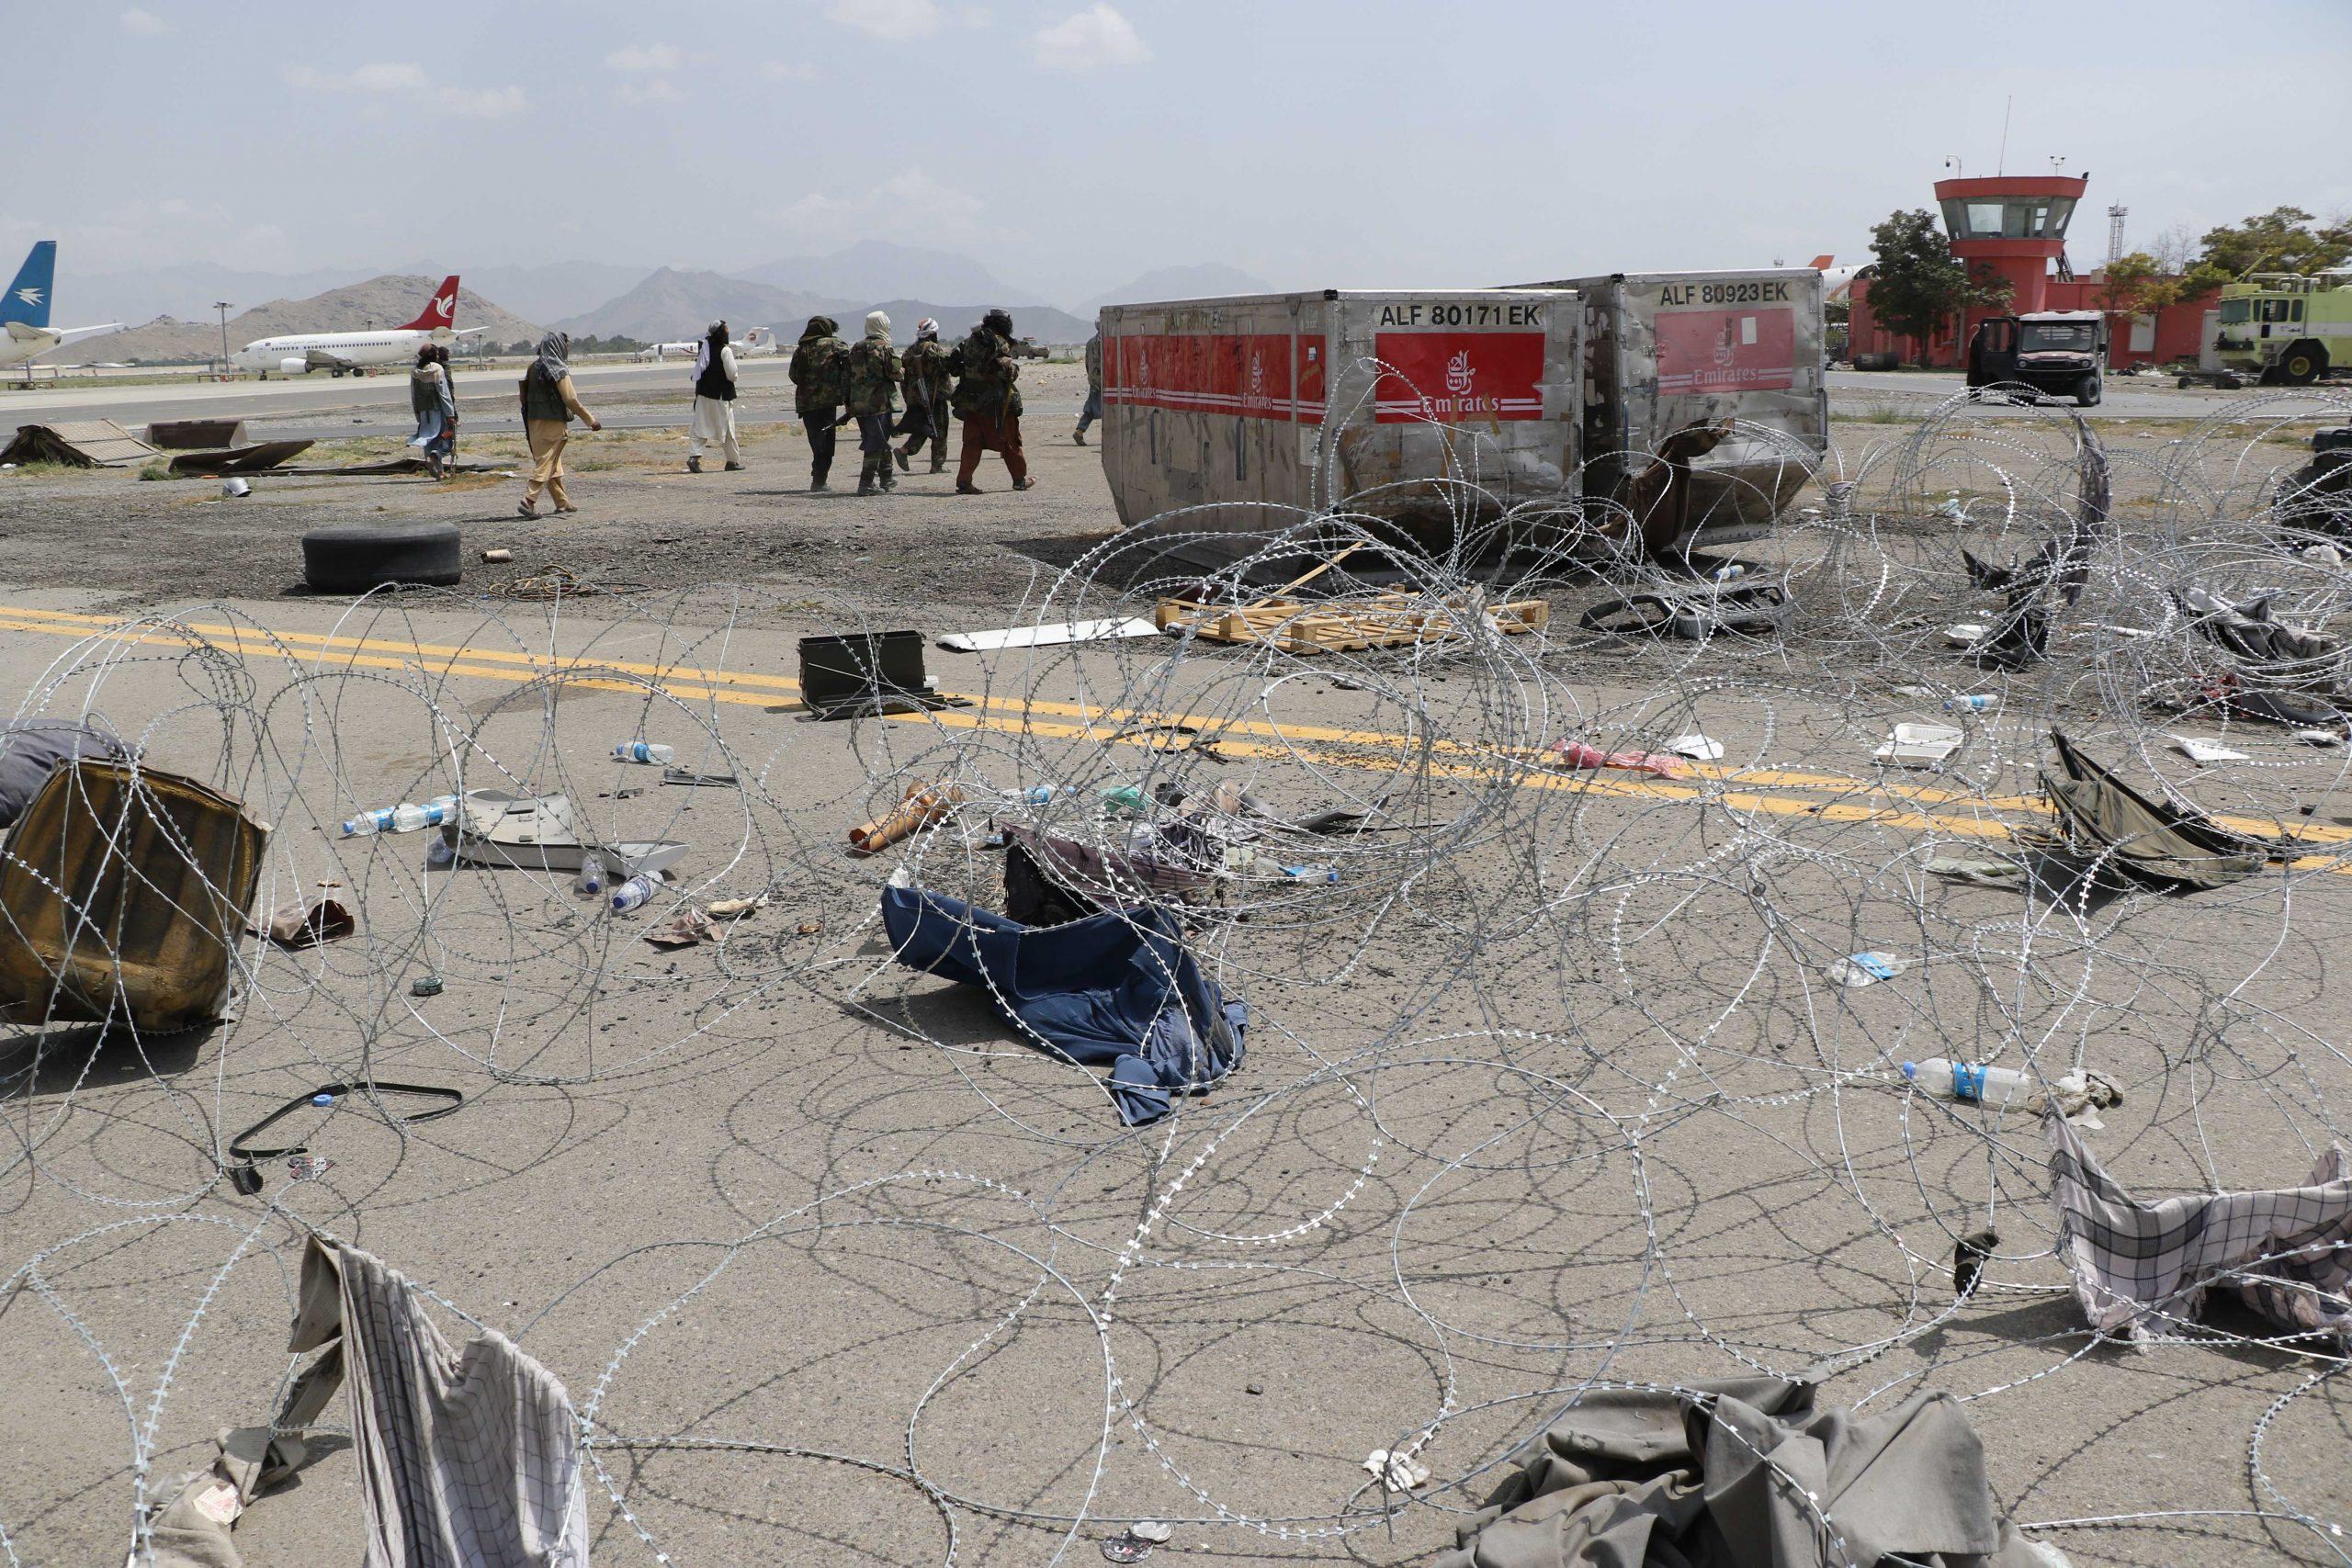 ukrainians in afganistan gettyimages 1234977739 scaled - <b>Громадяни України чекають на евакуацію з Афганістану, багатьом загрожує смерть.</b> Ми поговорили з цими сім'ями - Заборона